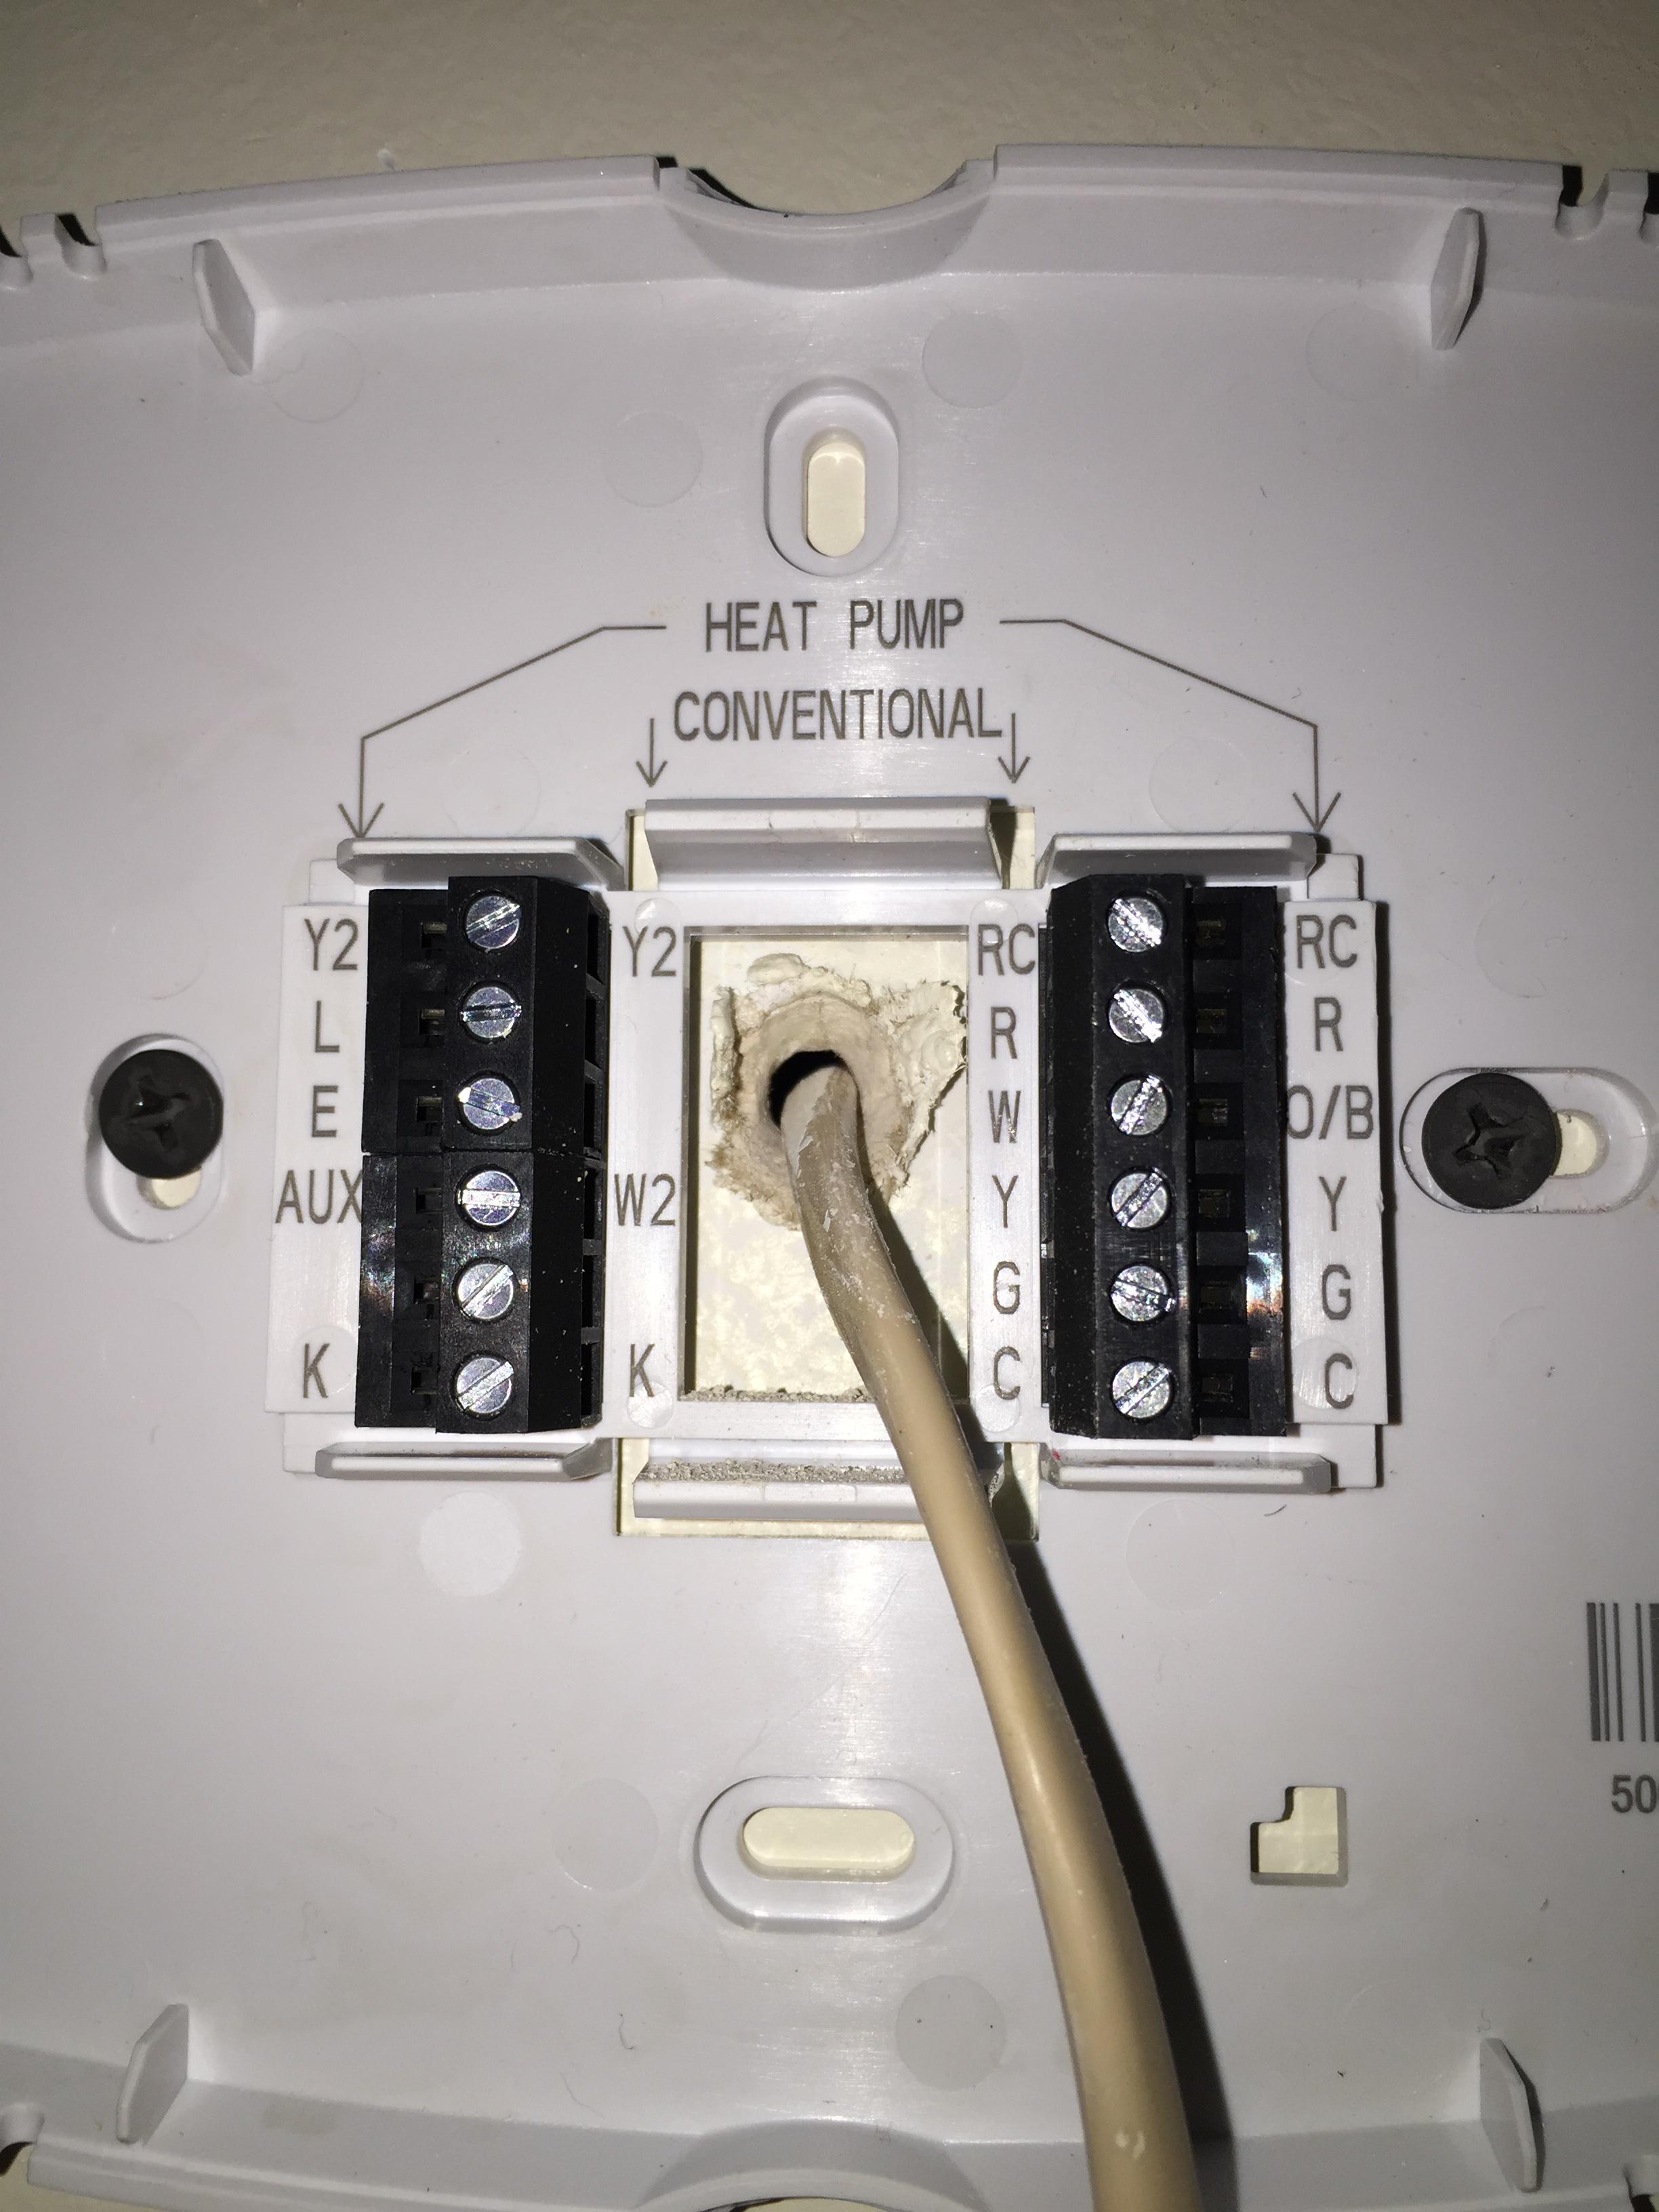 I Have A Gwa Series 2 Boiler Boiler Model Number 1135